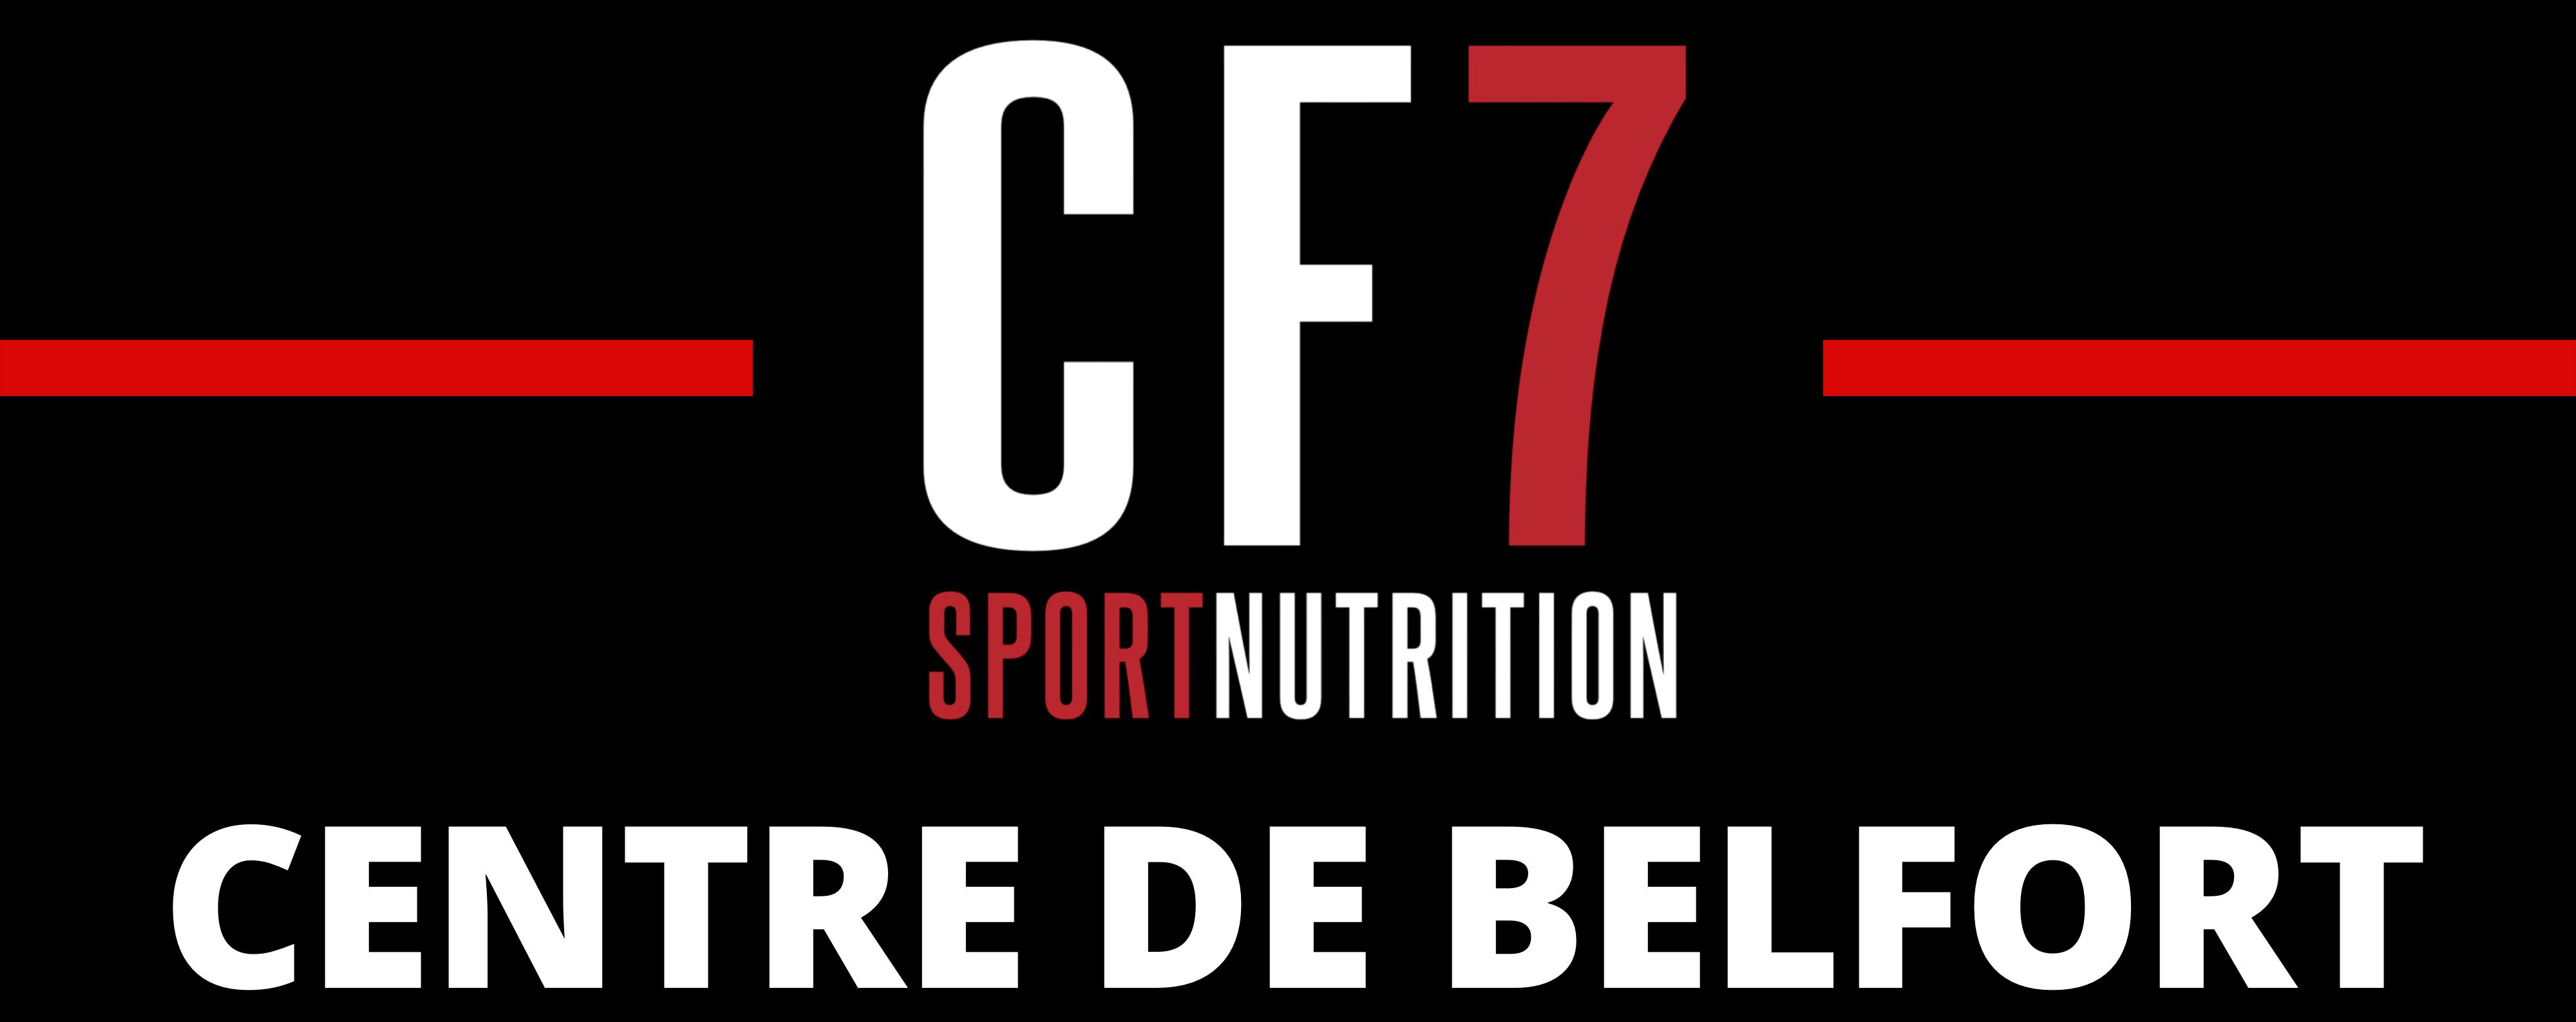 CF7 BELFORT